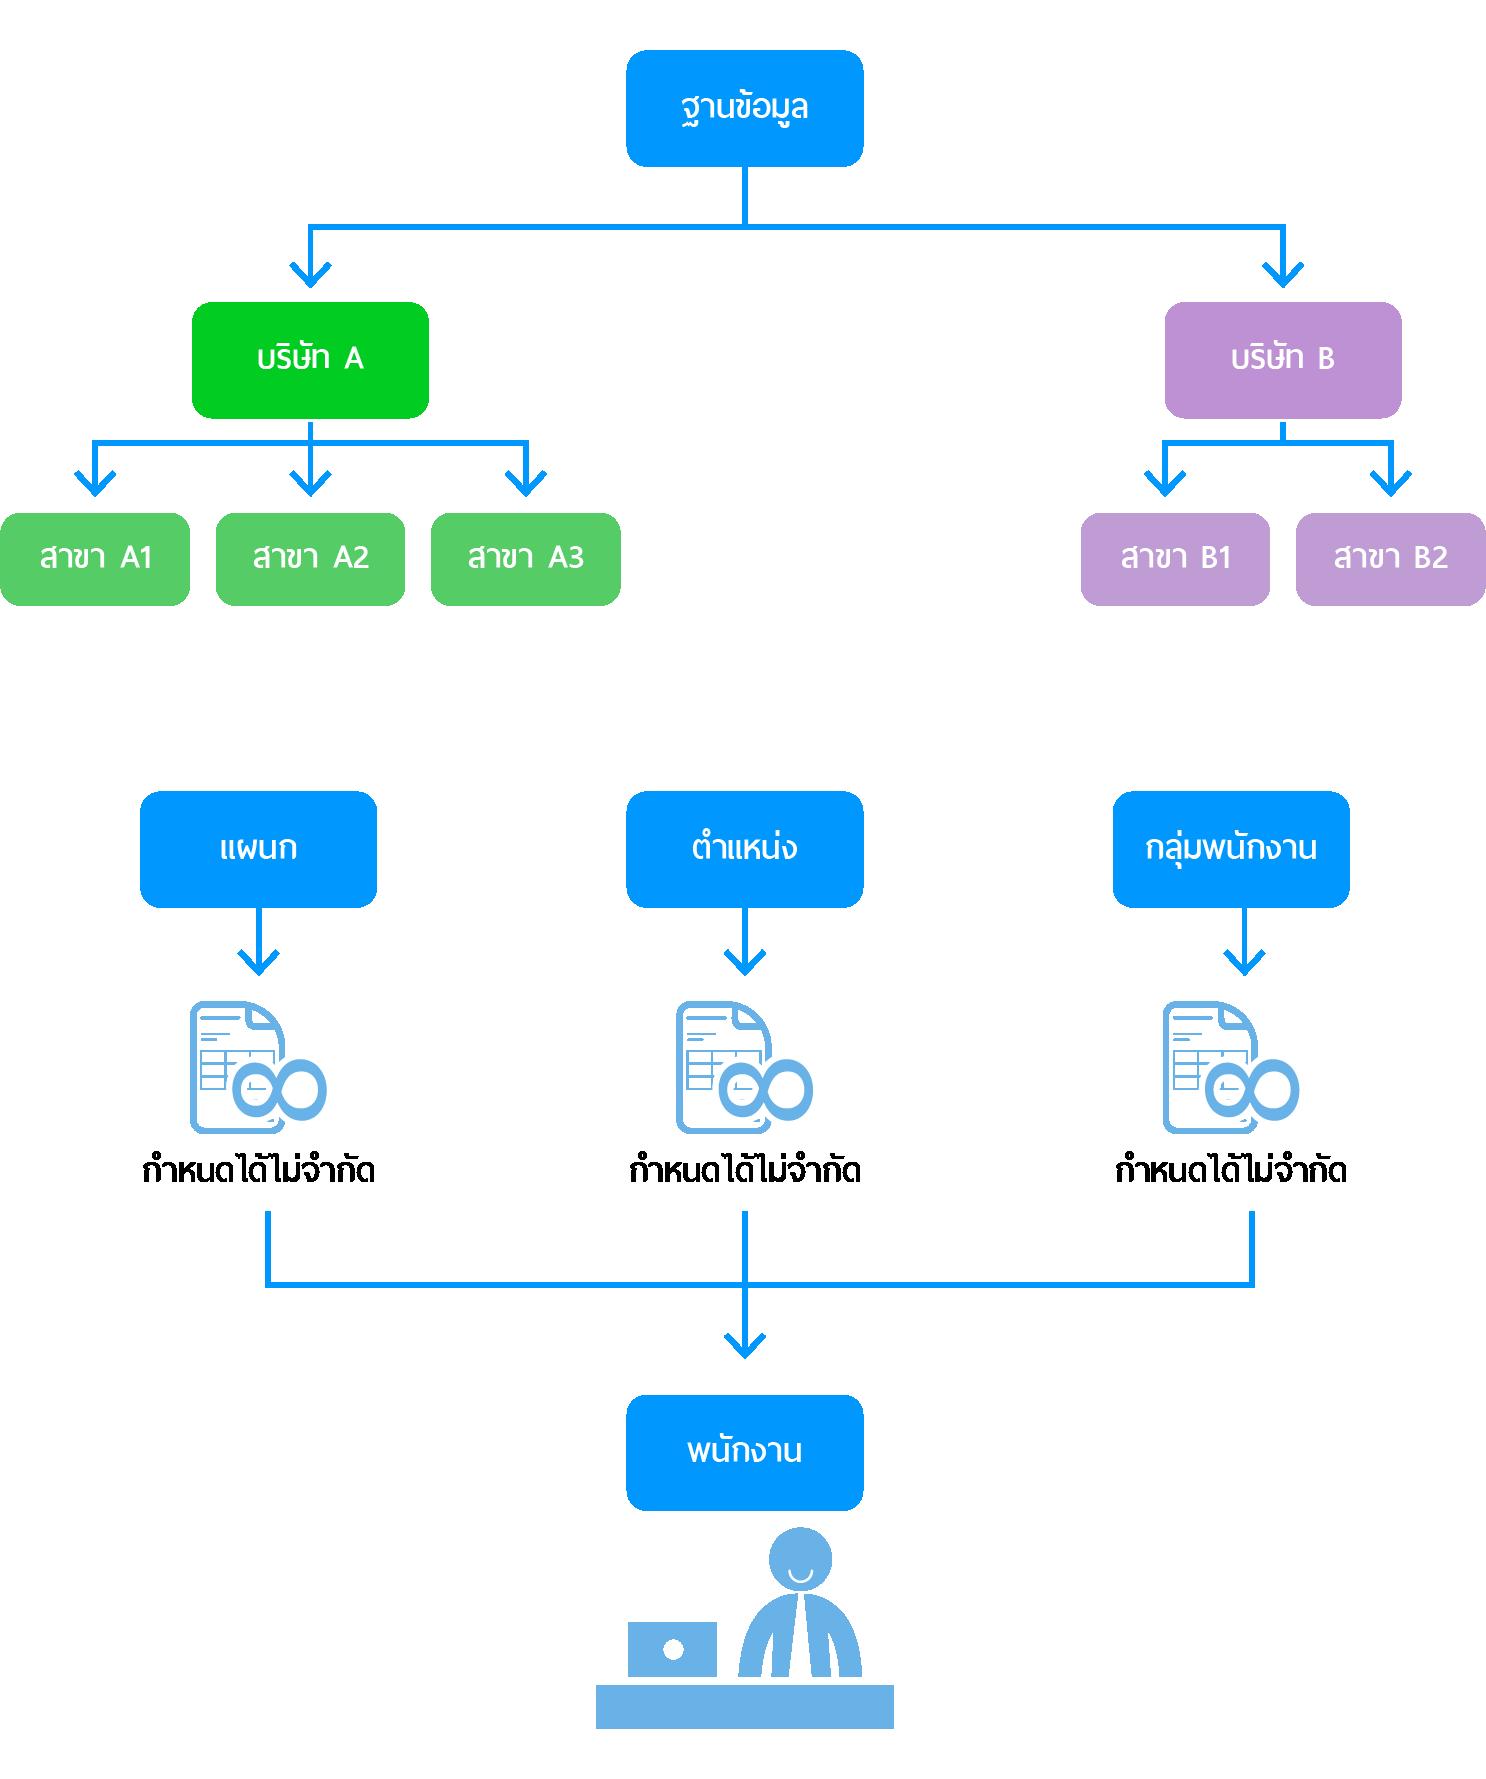 ระบบจัดการโครงสร้างข้อมูลองค์กร